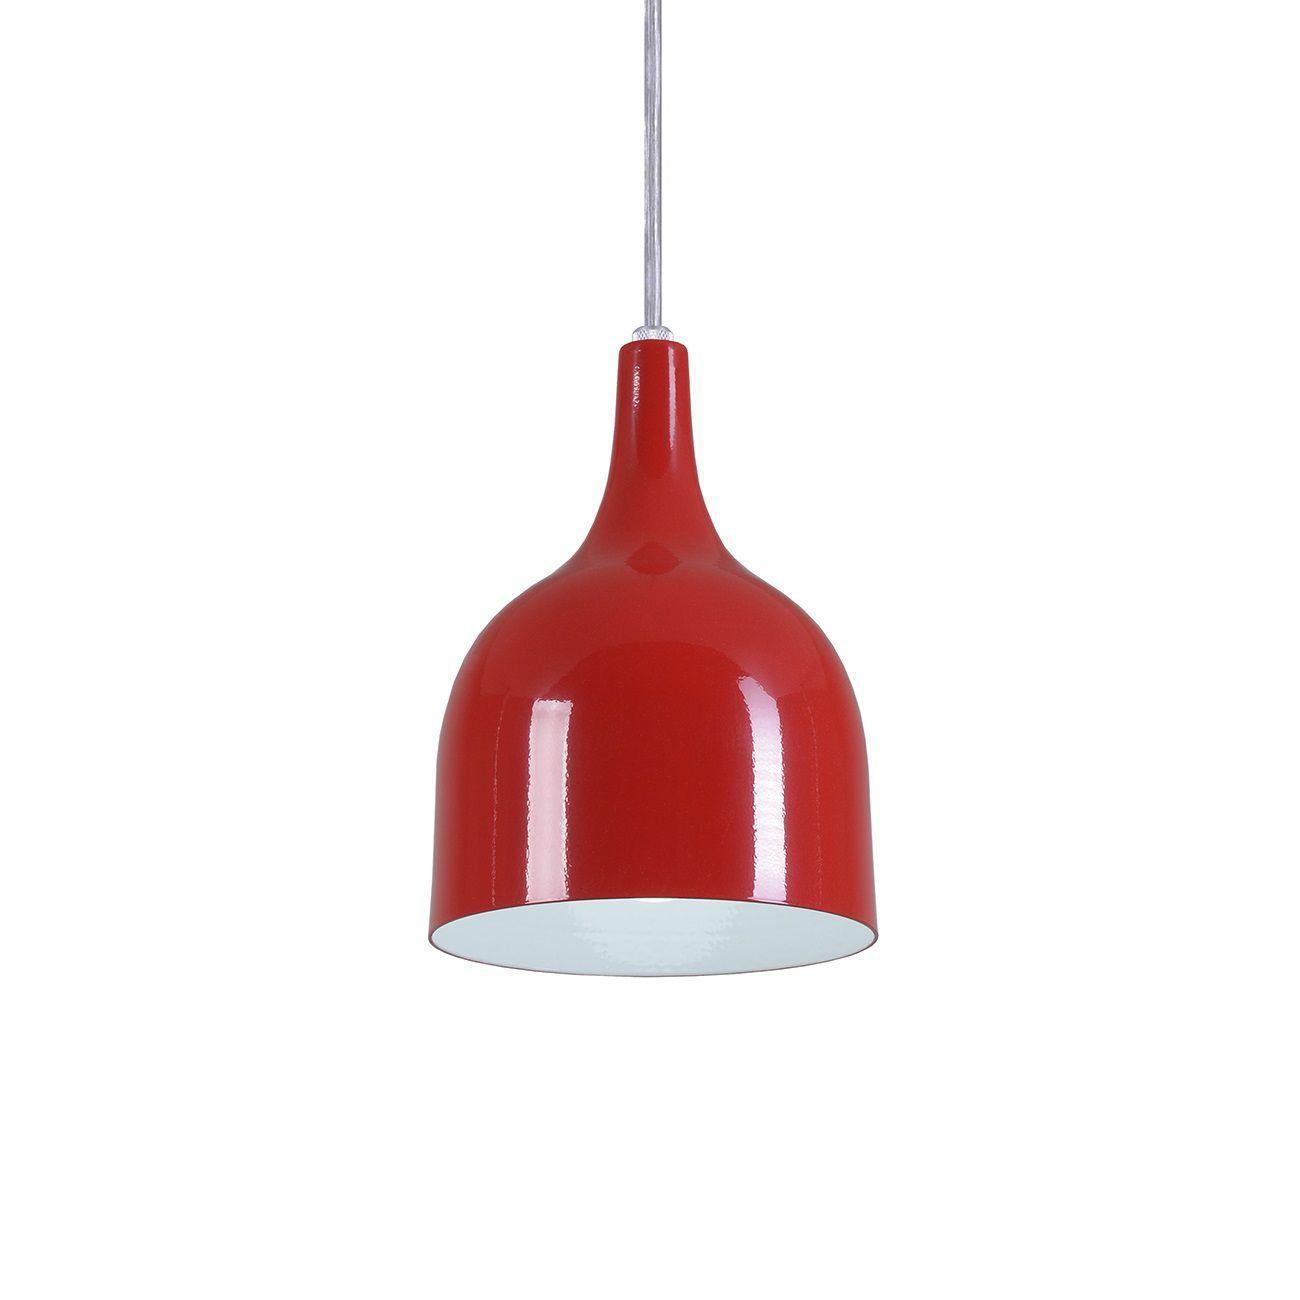 Pendente Gota Teat Luminária Lustre Alumínio Vermelho - Rei Da Iluminação